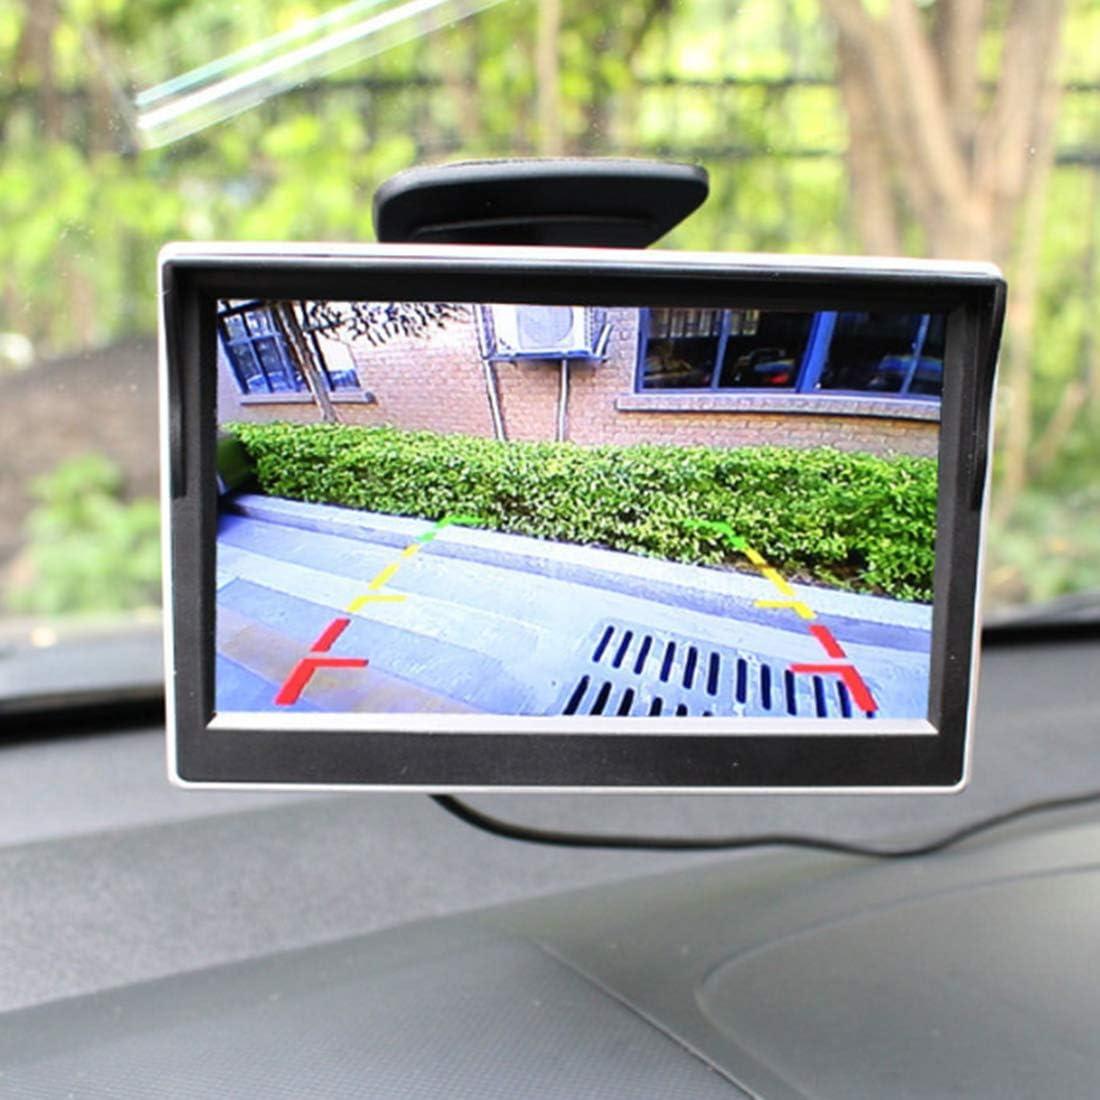 Parkassistenz-Monitor Bclaer72 5-Zoll-TFT-LCD-Auto-Monitor 800 480 Auto-R/ückfahr-R/ückfahr-Auto-Monitor mit LED-Hintergrundbeleuchtung f/ür Kfz-R/ückfahrkameras